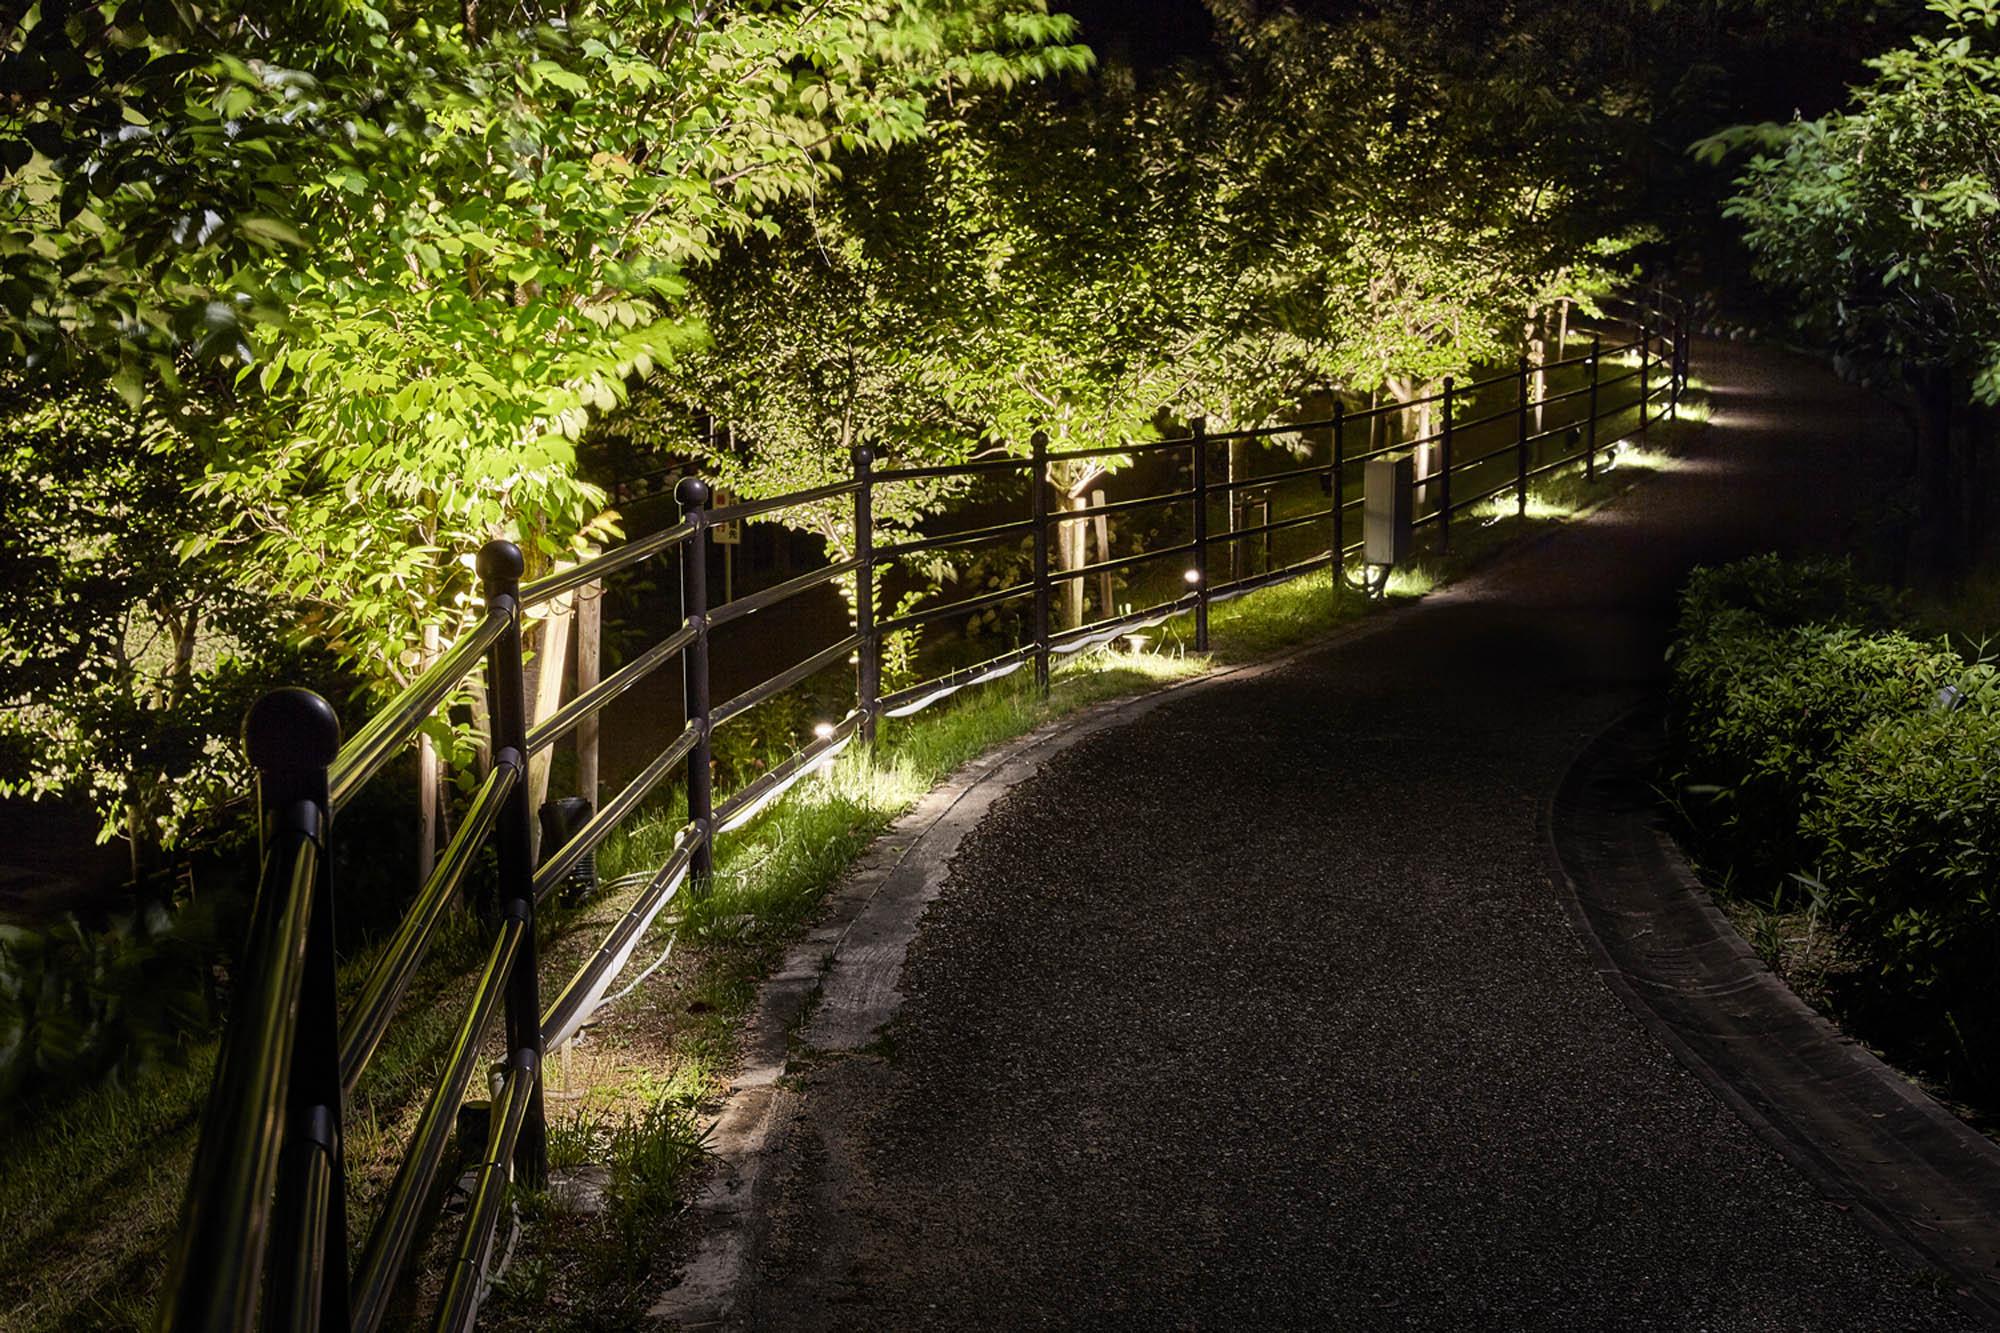 安全性を考え遊歩道をライトアップしている写真